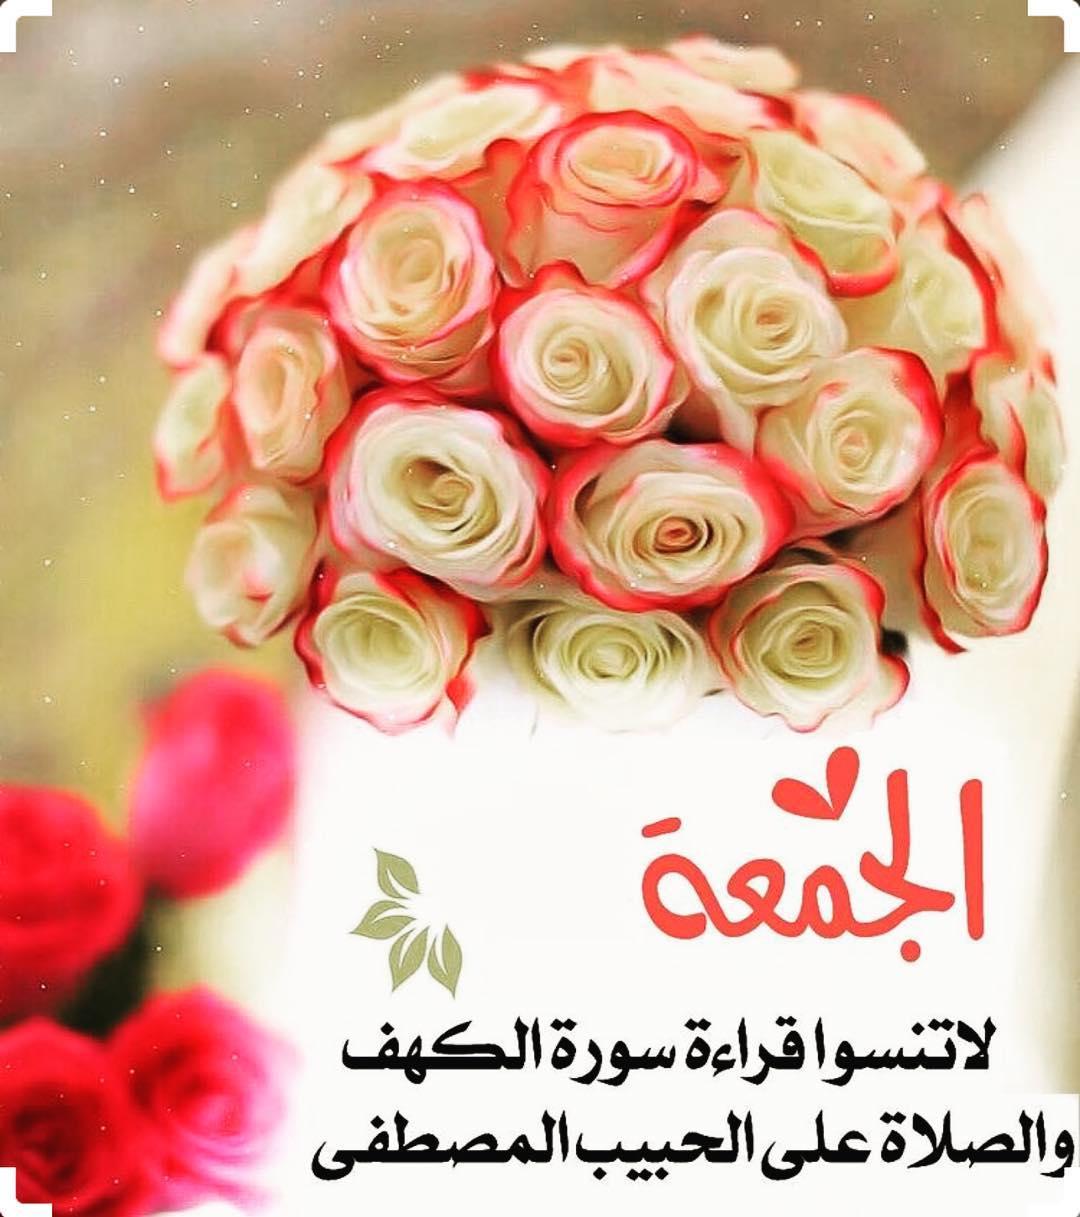 بالصور صباح الجمعه , اجمل رسائل ليوم الجمعة 3405 6